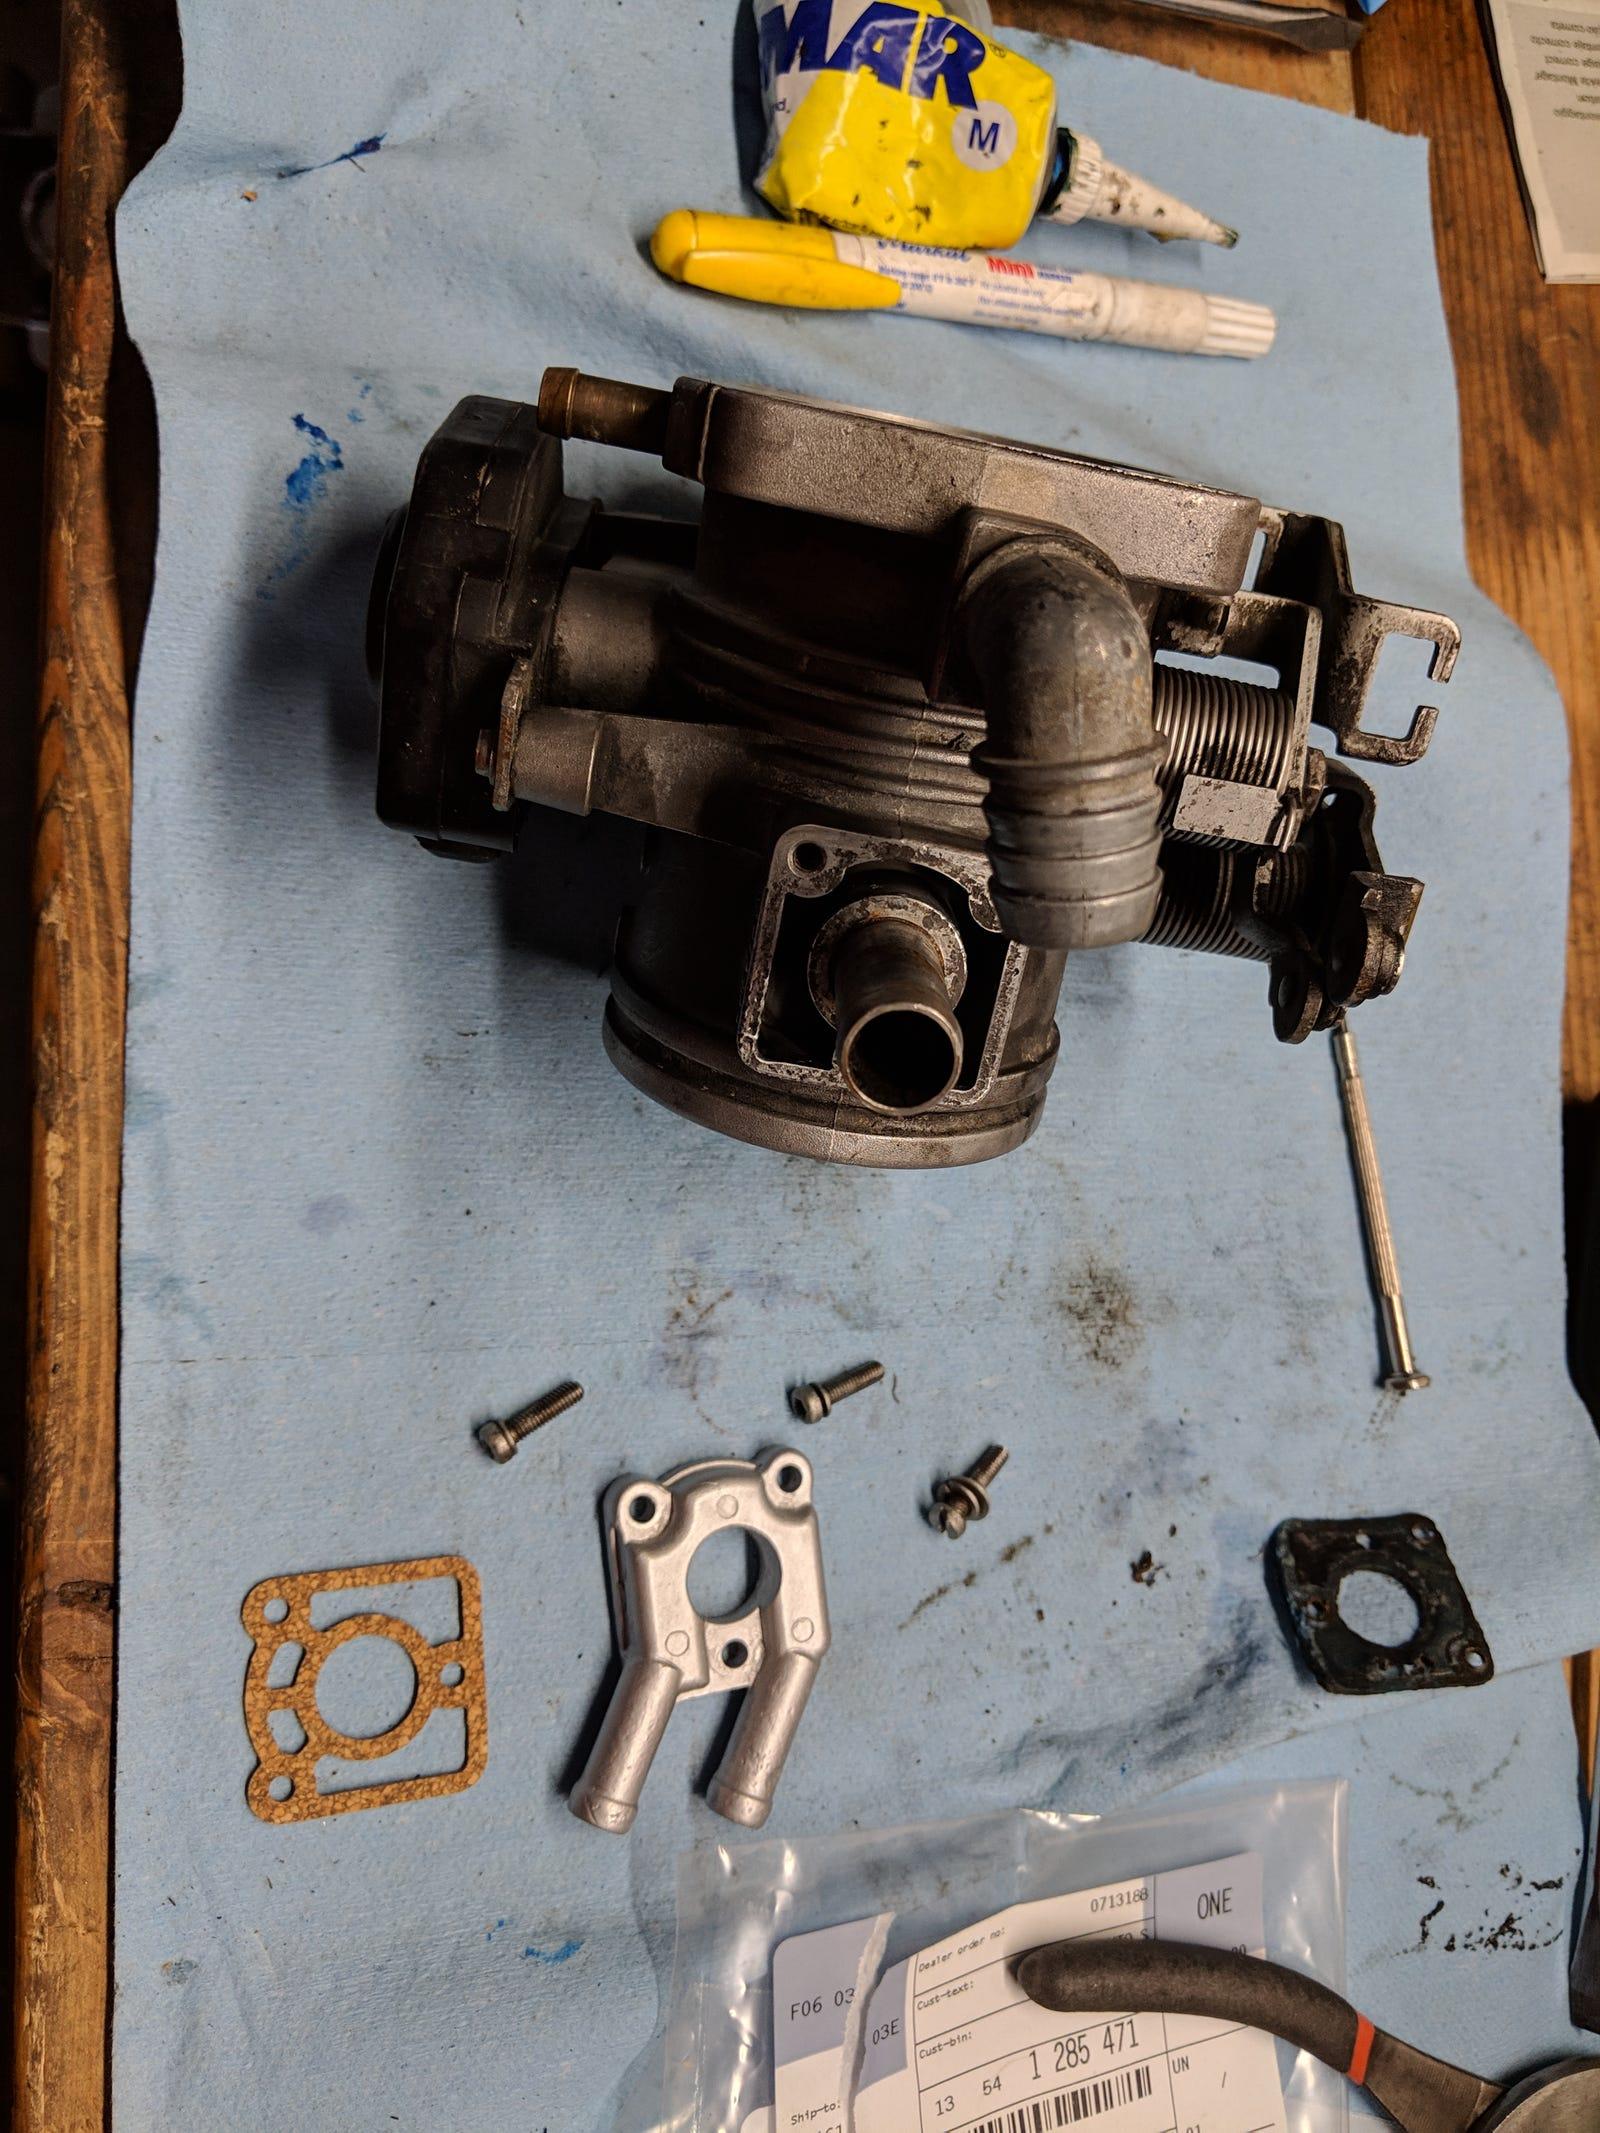 New cork throttle body heater gasket ready to go in.